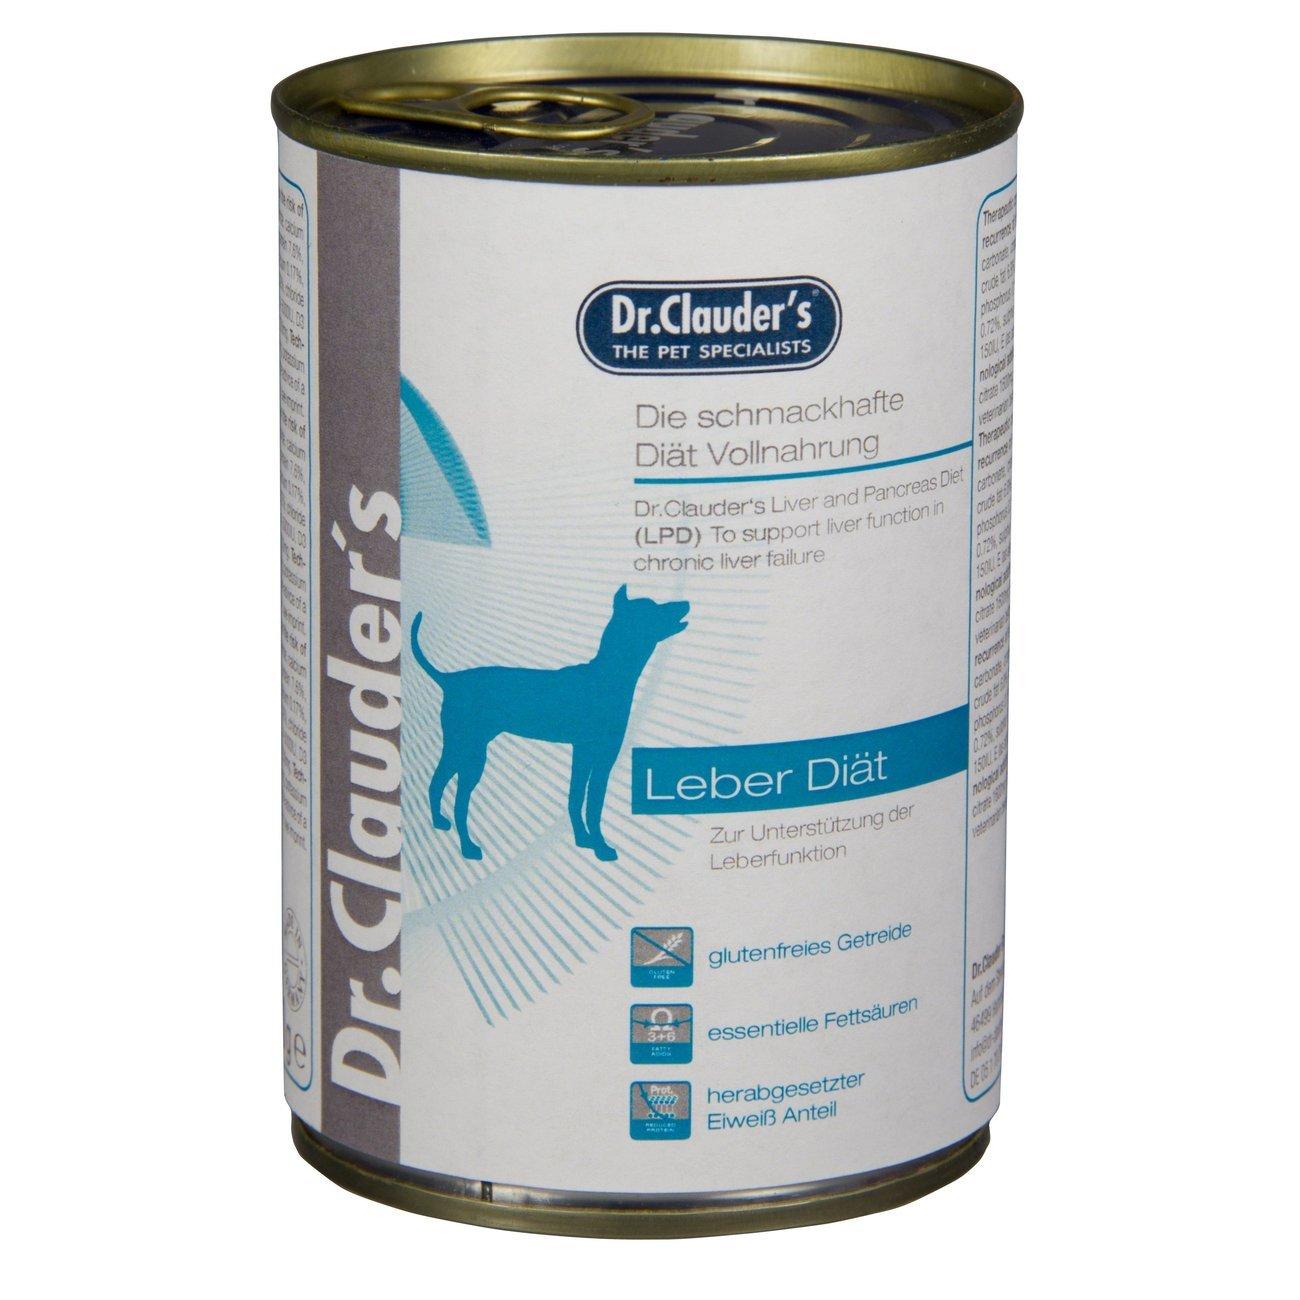 Dr. Clauders Diät Hundefutter LPD Leberdiät, 6x400g